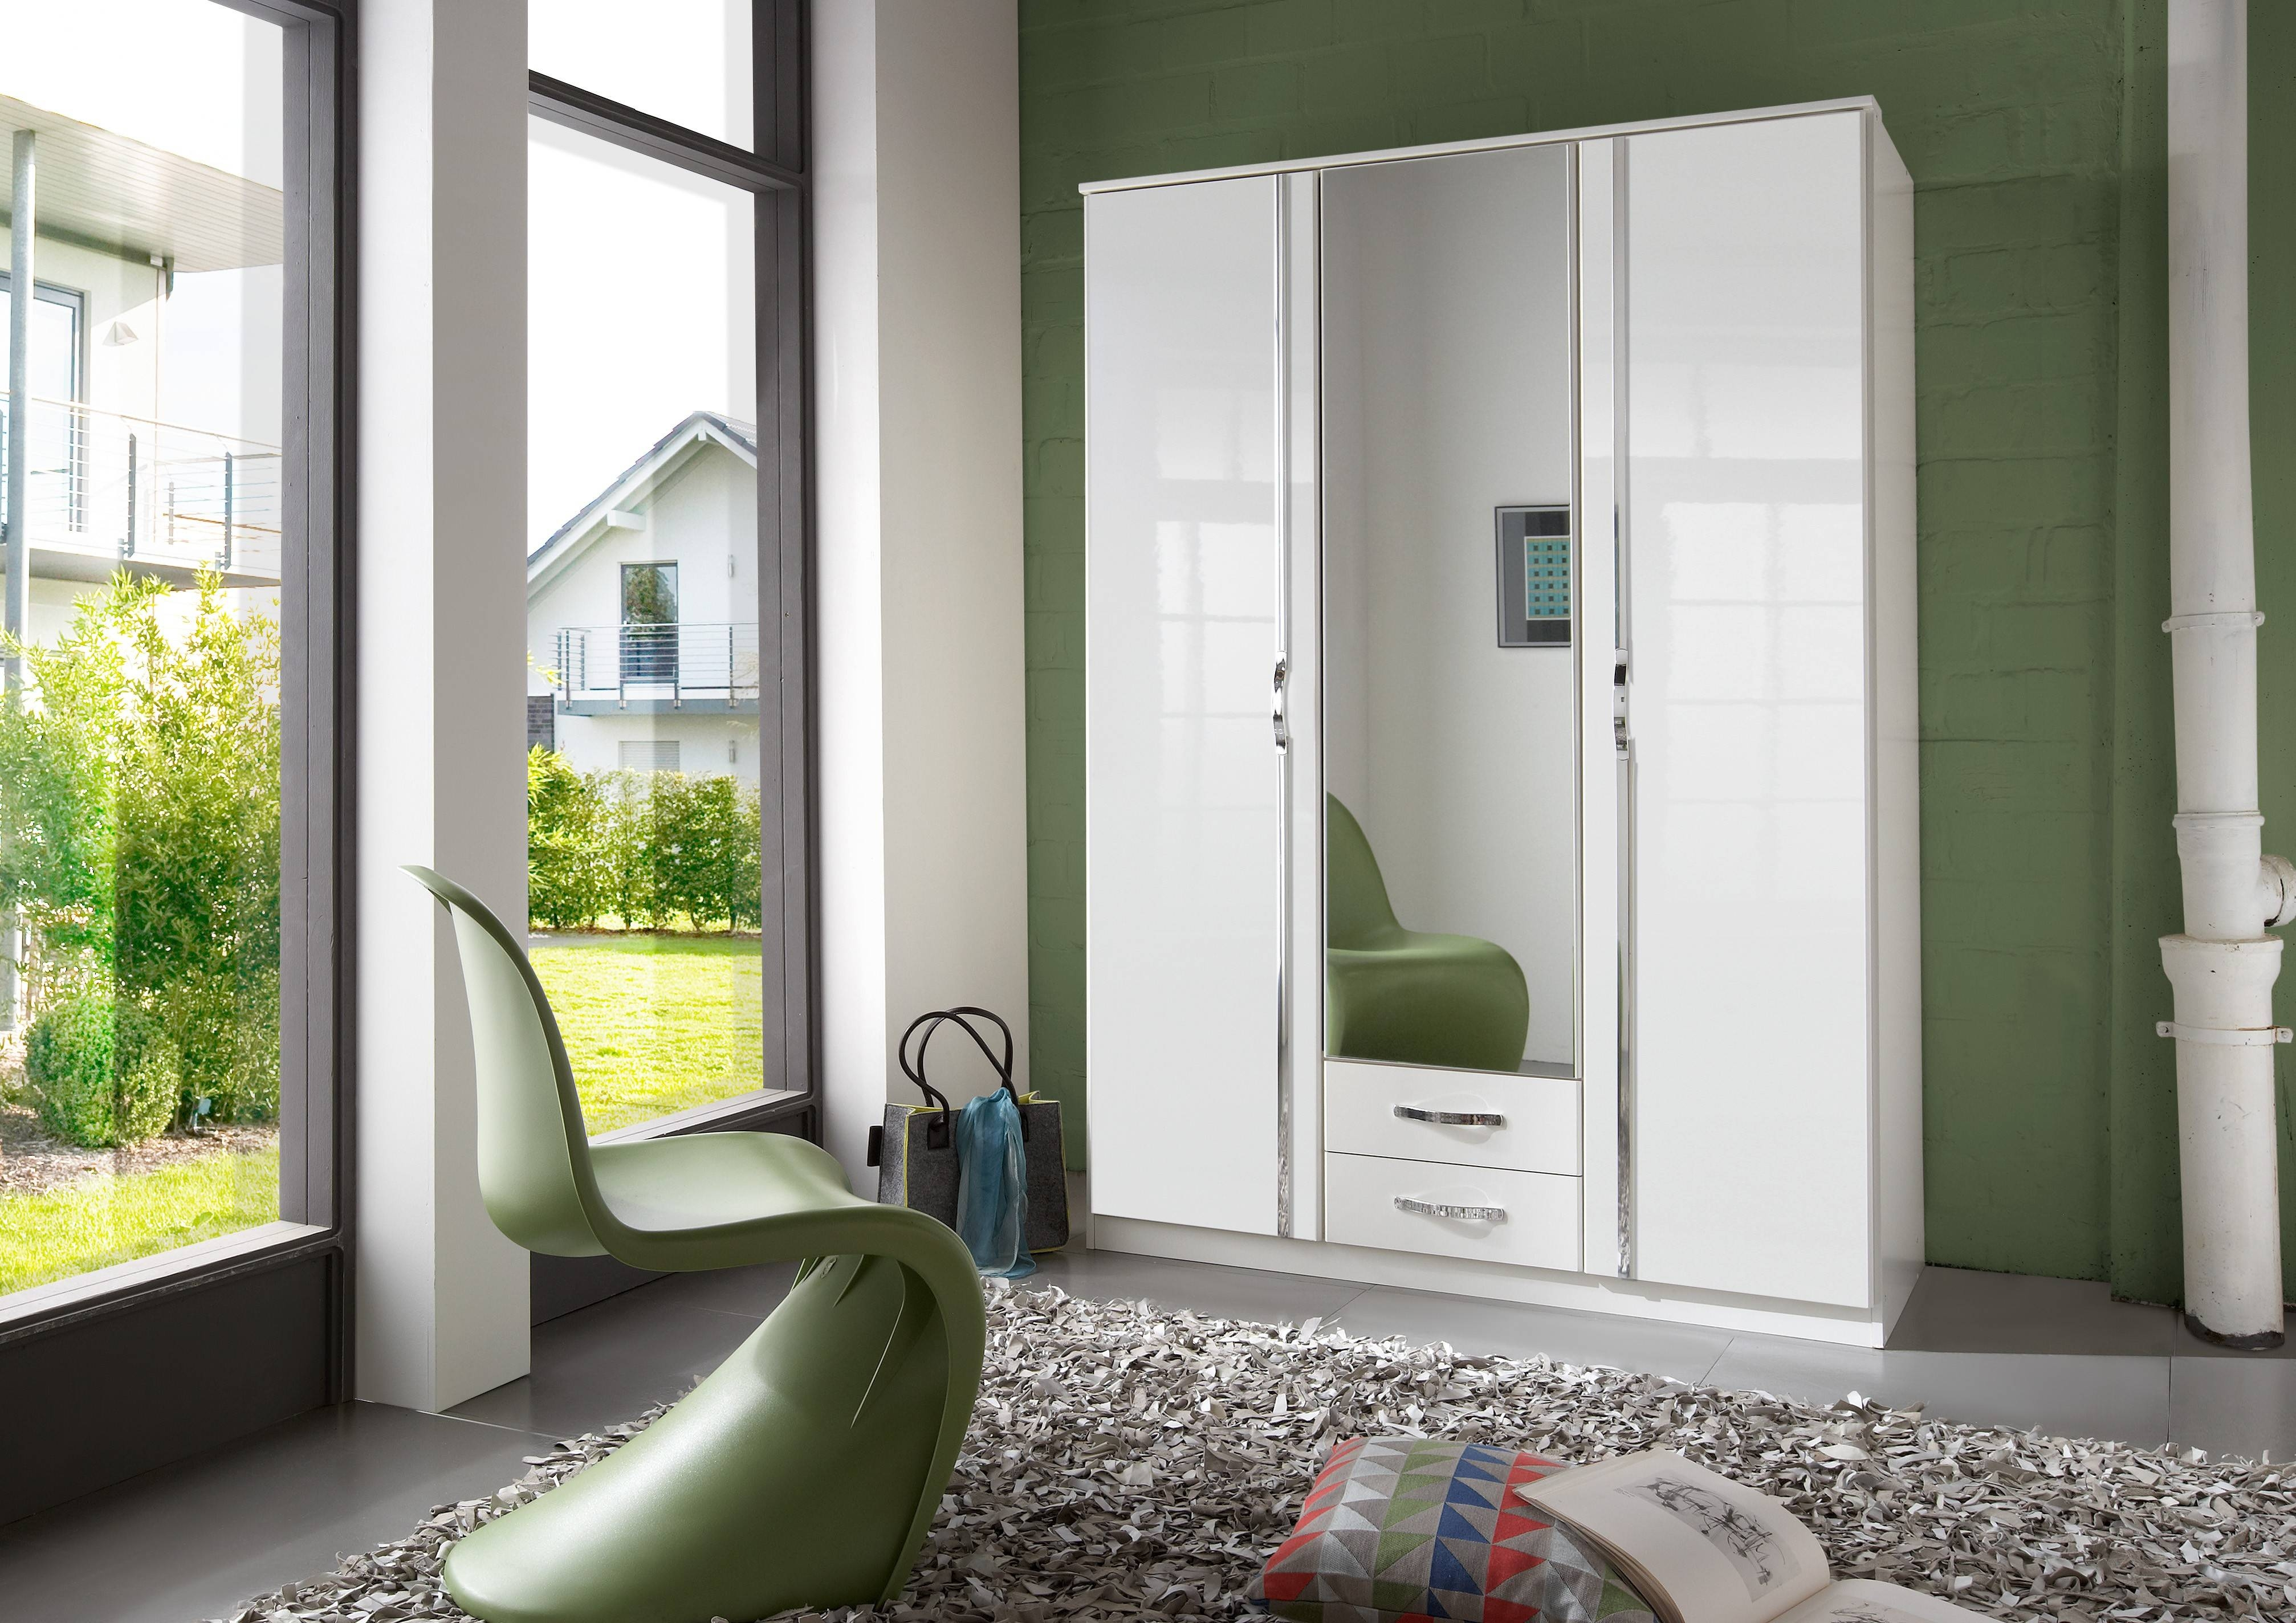 Slumberhaus 'trio' White Gloss, Chrome & Mirror 3 Door 2 Drawer within 3 Door Mirrored Wardrobes (Image 14 of 15)